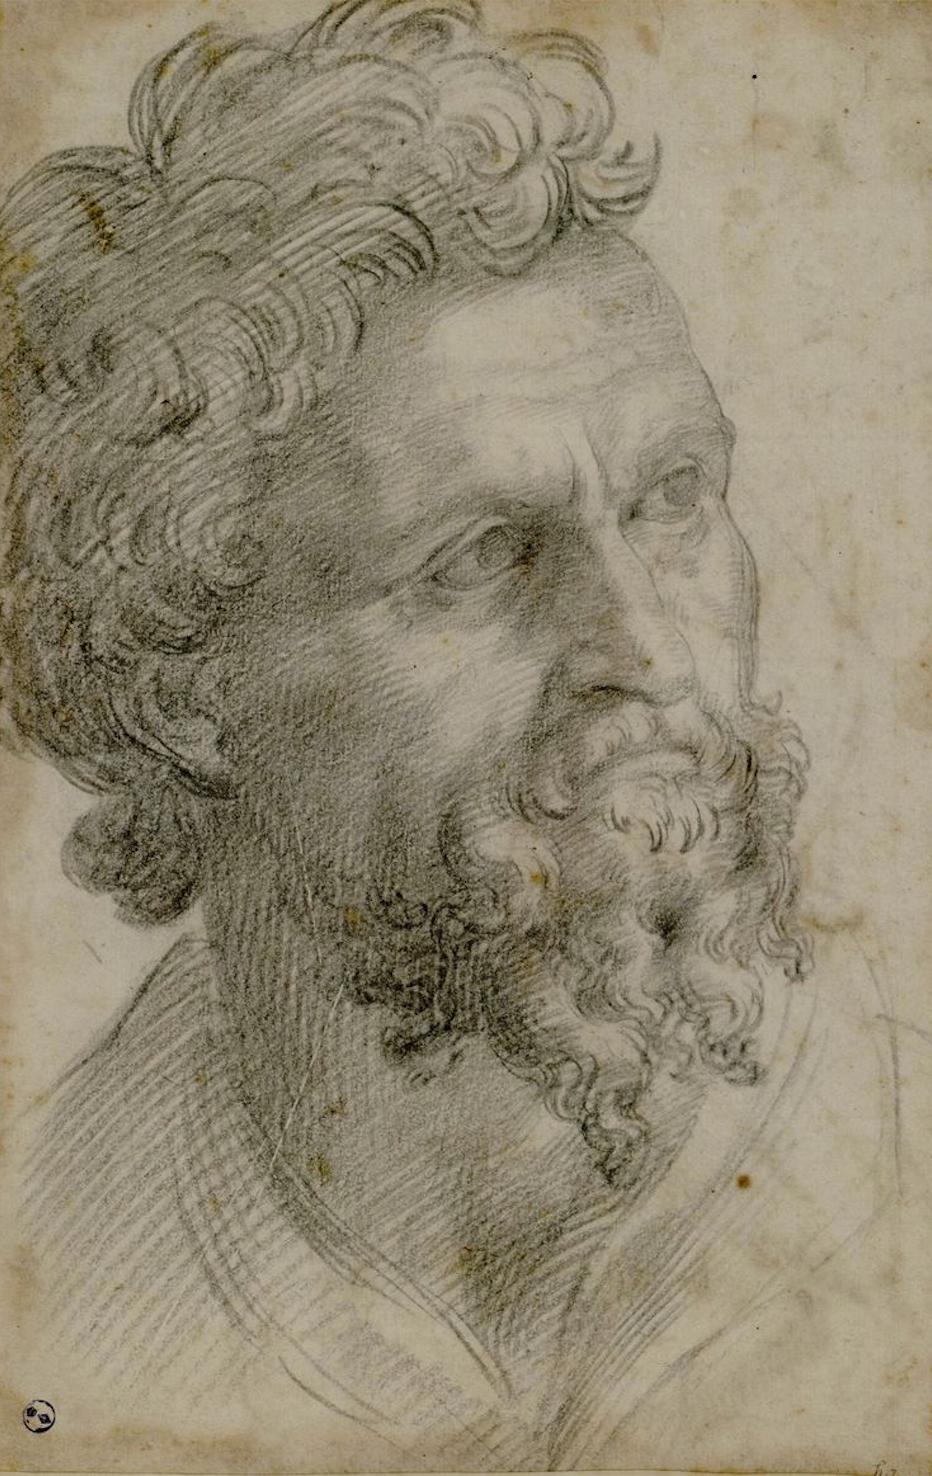 本韋努托·切利尼(Benvenuto Cellini)